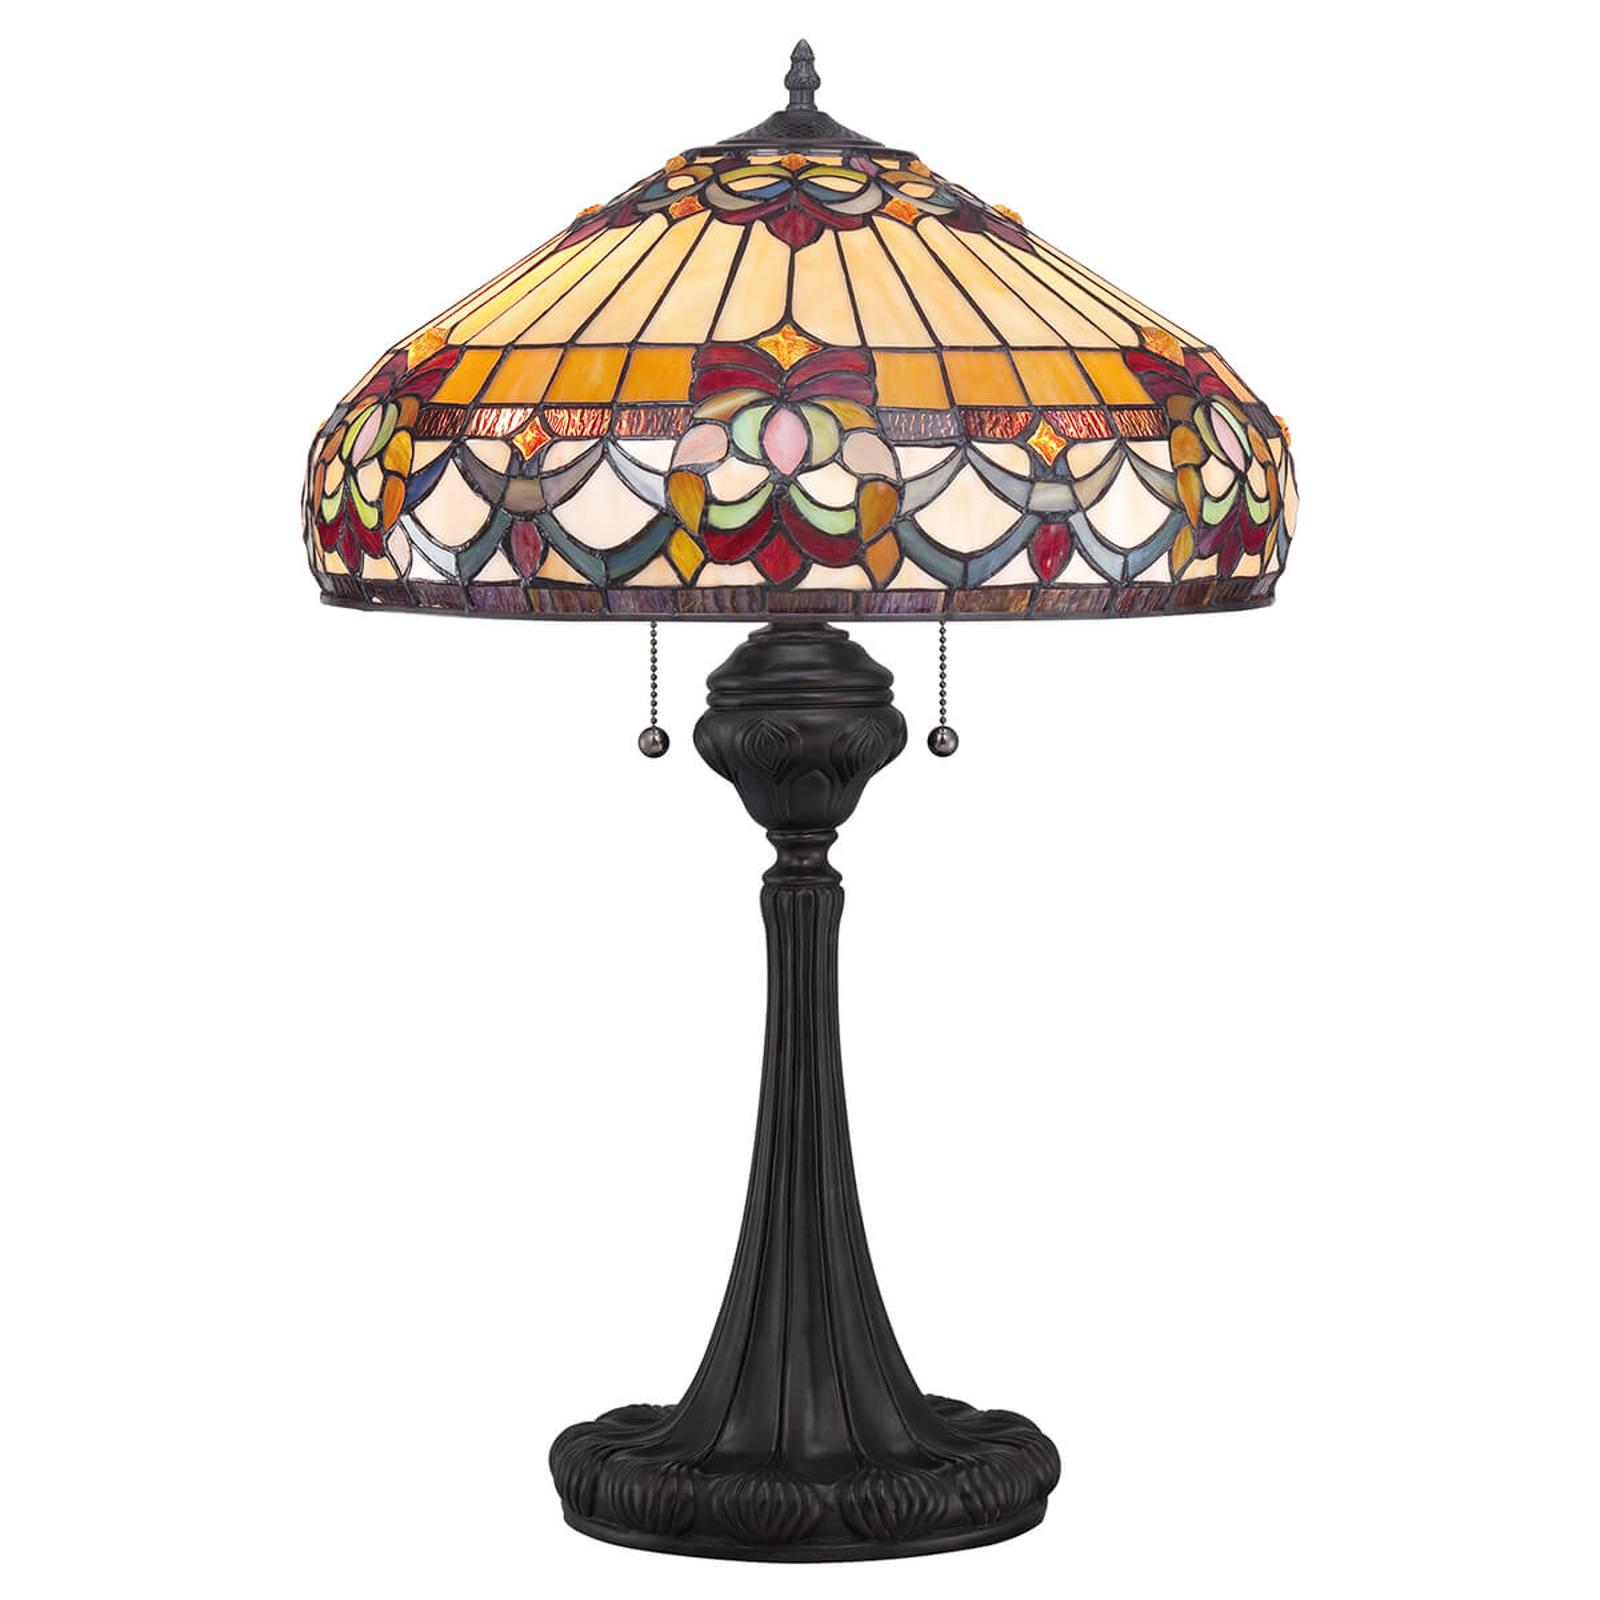 Tischlampe Belle Fleur im Tiffany-Design